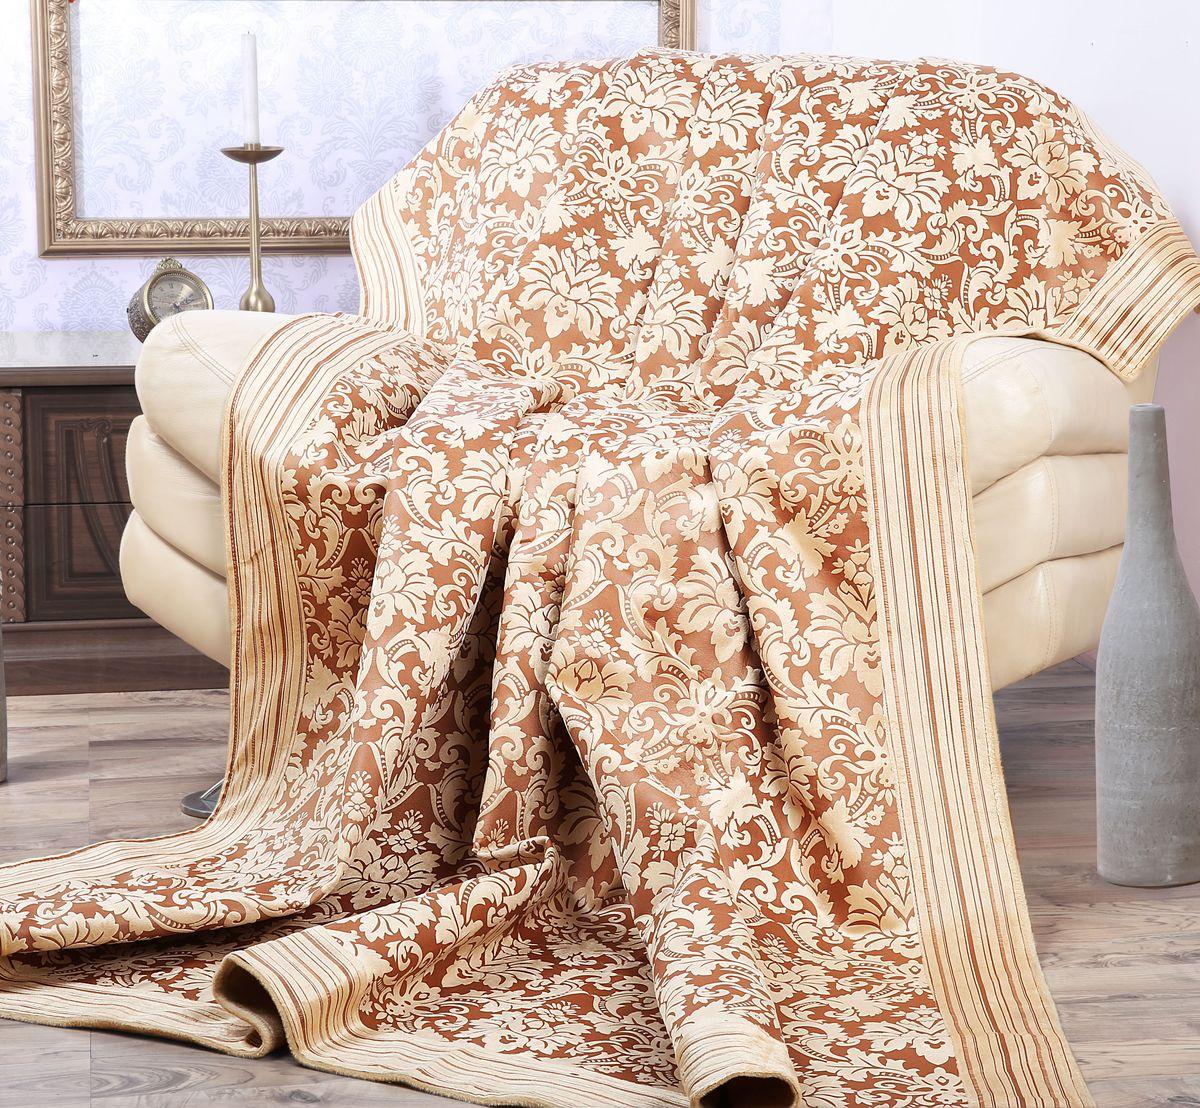 Покрывало Mona Liza Elite Vintage, цвет: бежевый, коричневый, 200 см х 220 см10114Роскошное покрывало Mona Liza Elite Vintage из высококачественного полиэстера гармонично впишется в интерьер вашего дома и создаст атмосферу уюта и комфорта. Такое покрывало согреет в прохладную погоду и будет превосходно дополнять интерьер вашей спальни. Высочайшее качество материала гарантирует безопасность не только взрослых, но и самых маленьких членов семьи. Небольшой ворс придает покрывалу мягкость и оригинальность. Покрывало может подчеркнуть любой стиль интерьера, задать ему нужный тон - от игривого до ностальгического. Покрывало - это такой подарок, который будет всегда актуален, особенно для ваших родных и близких, ведь вы дарите им частичку своего тепла! Покрывала серии Mona Liza Elite выполнены из шенилловой ткани деворе - при выжигании части волокон образуется характерный рельефный рисунок.